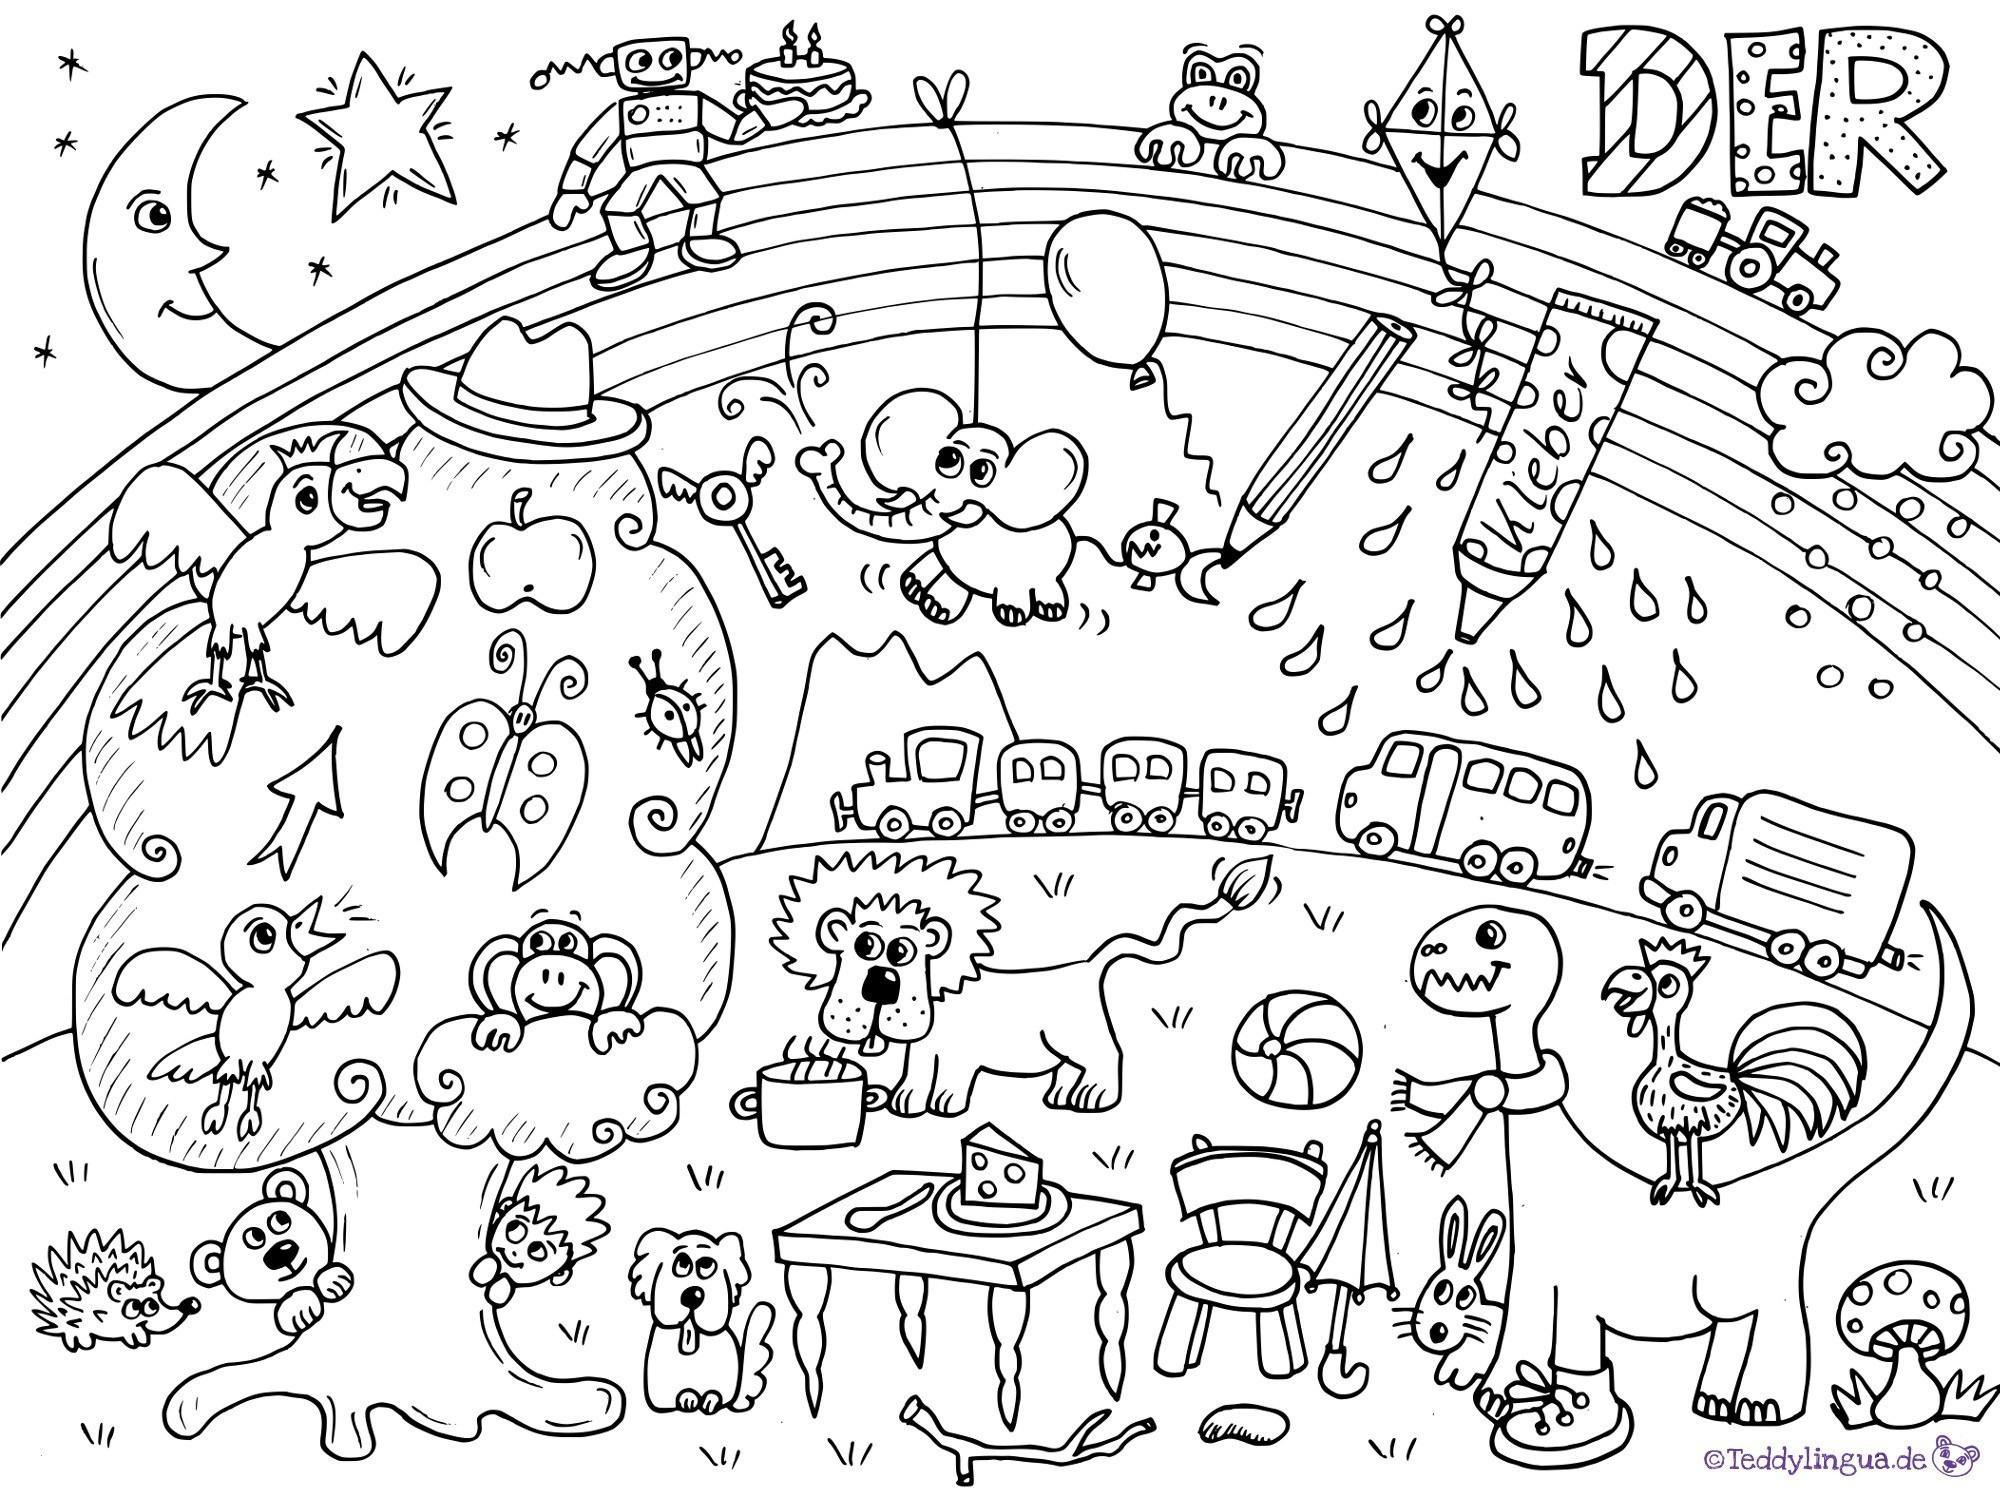 Malvorlagen Mario Das Beste Von Mariosternemalvorlagen Giap Ipdd Stock